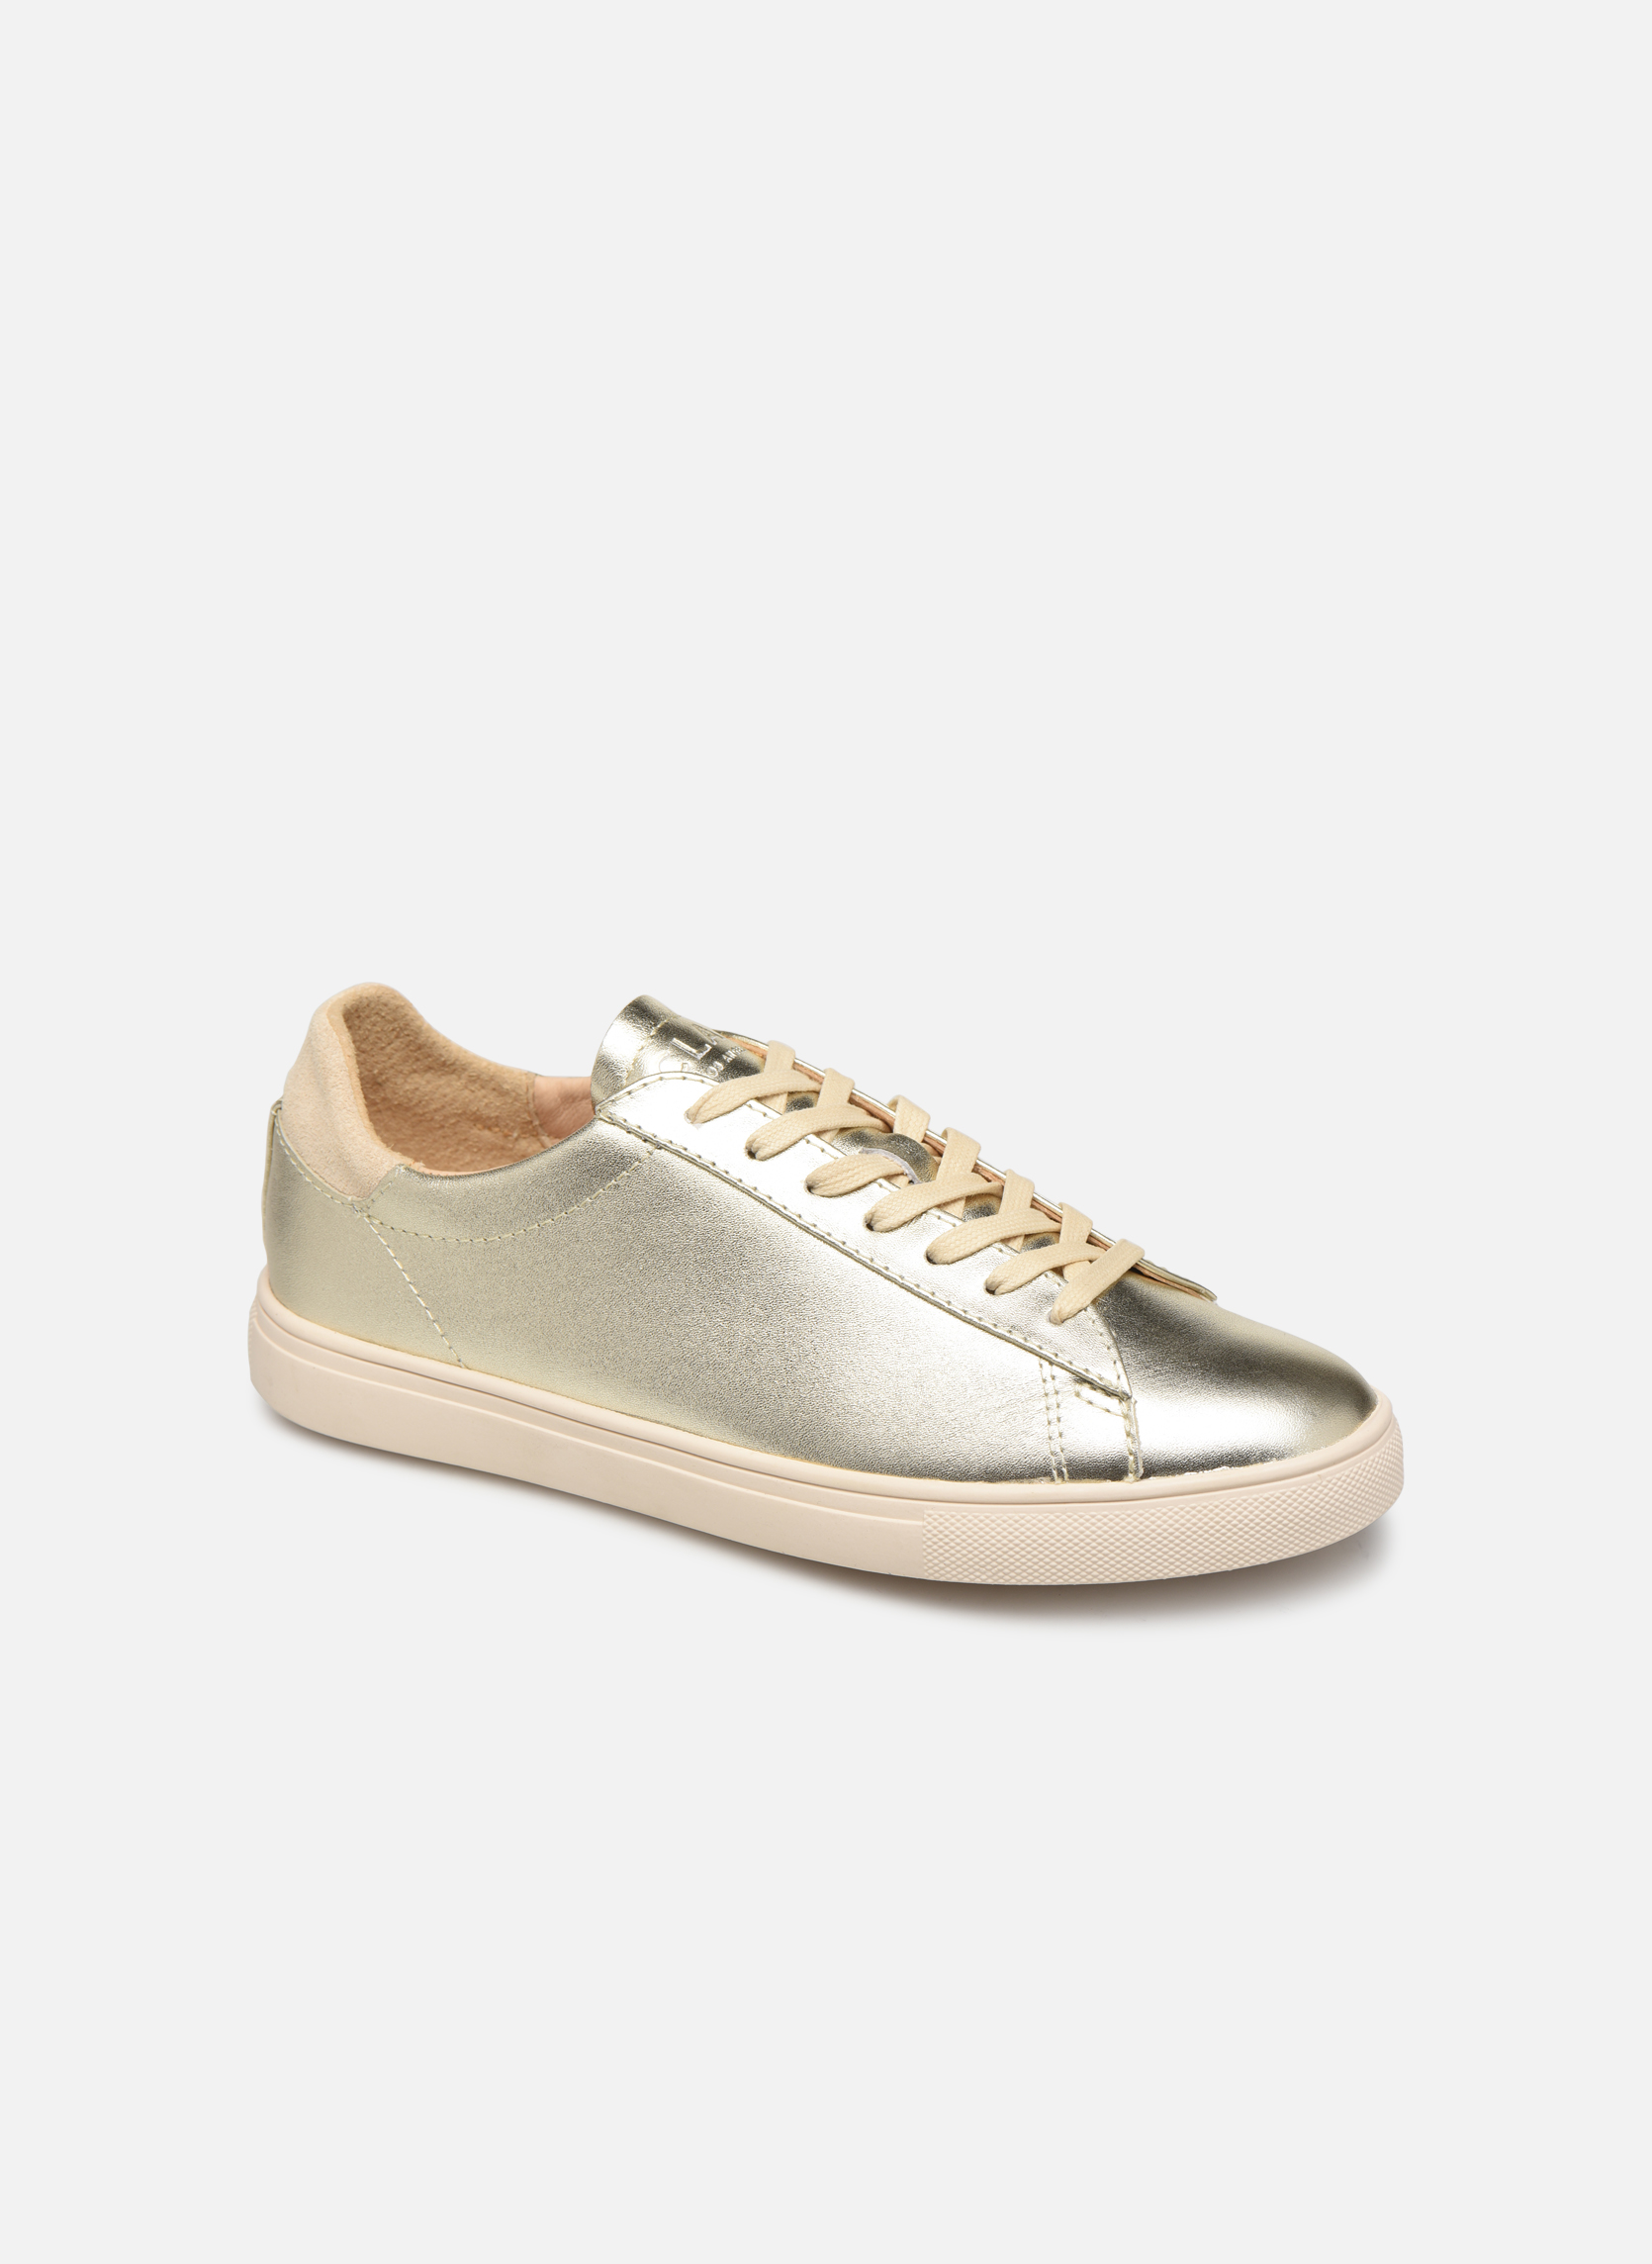 Sneakers Bradley W by Clae